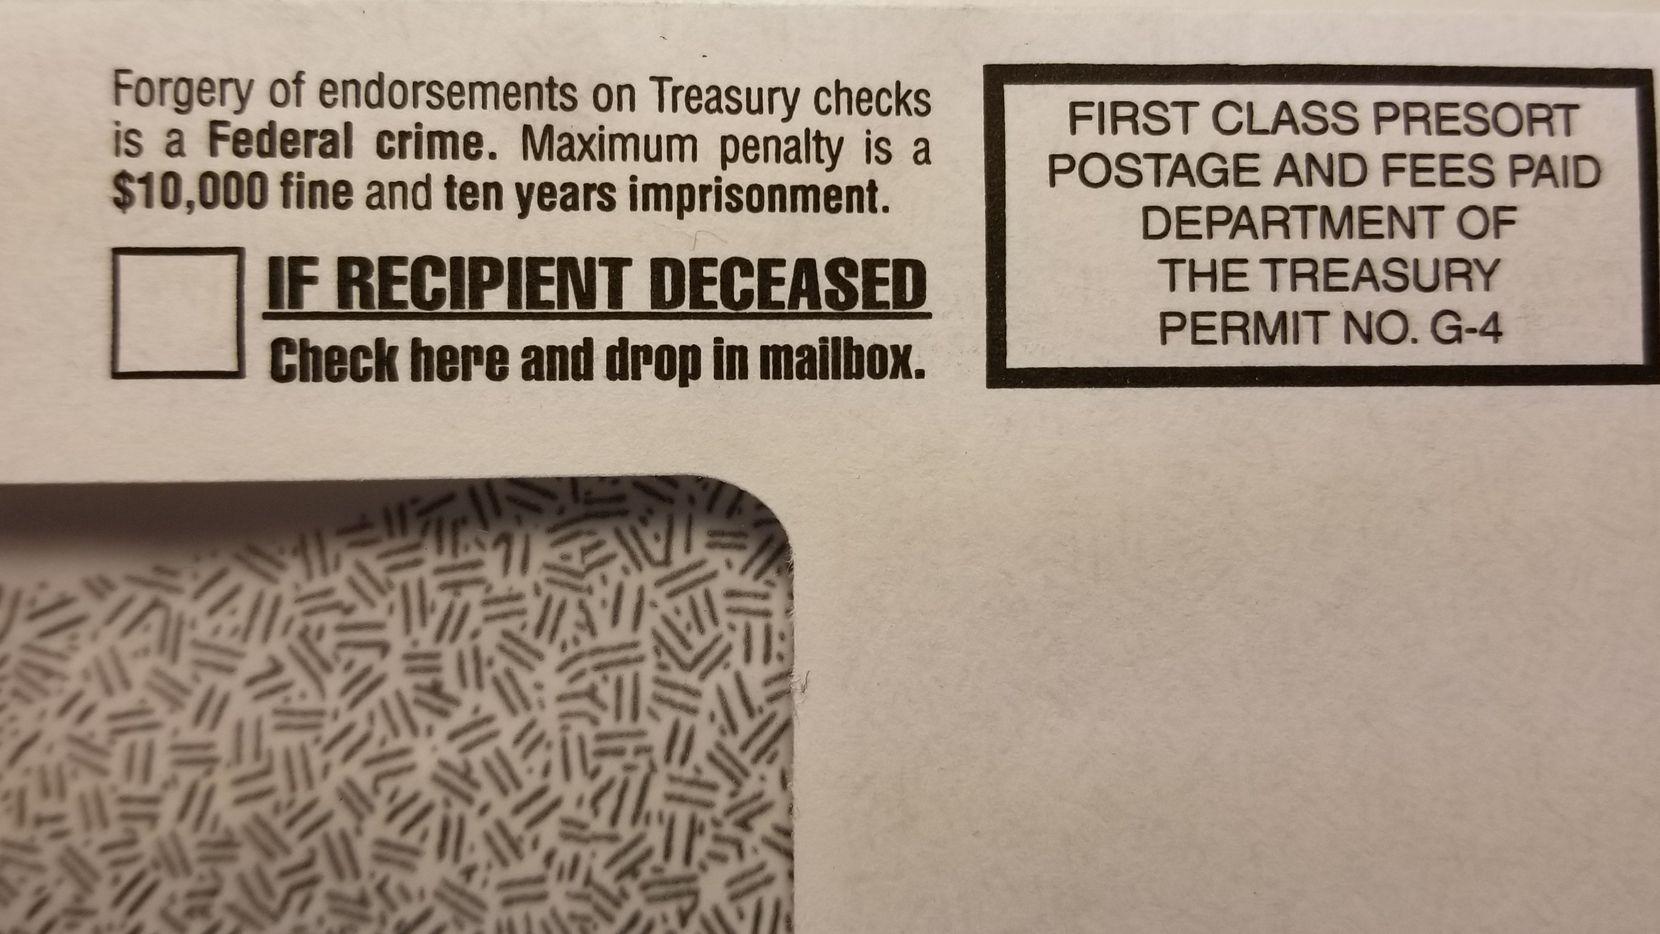 Los sobres en los que el IRS envía los cheques de estímulo tienen un enunciado que pregunta si el destinatario es alguien fallecido, y ofrece instrucciones para la devolución del dinero.